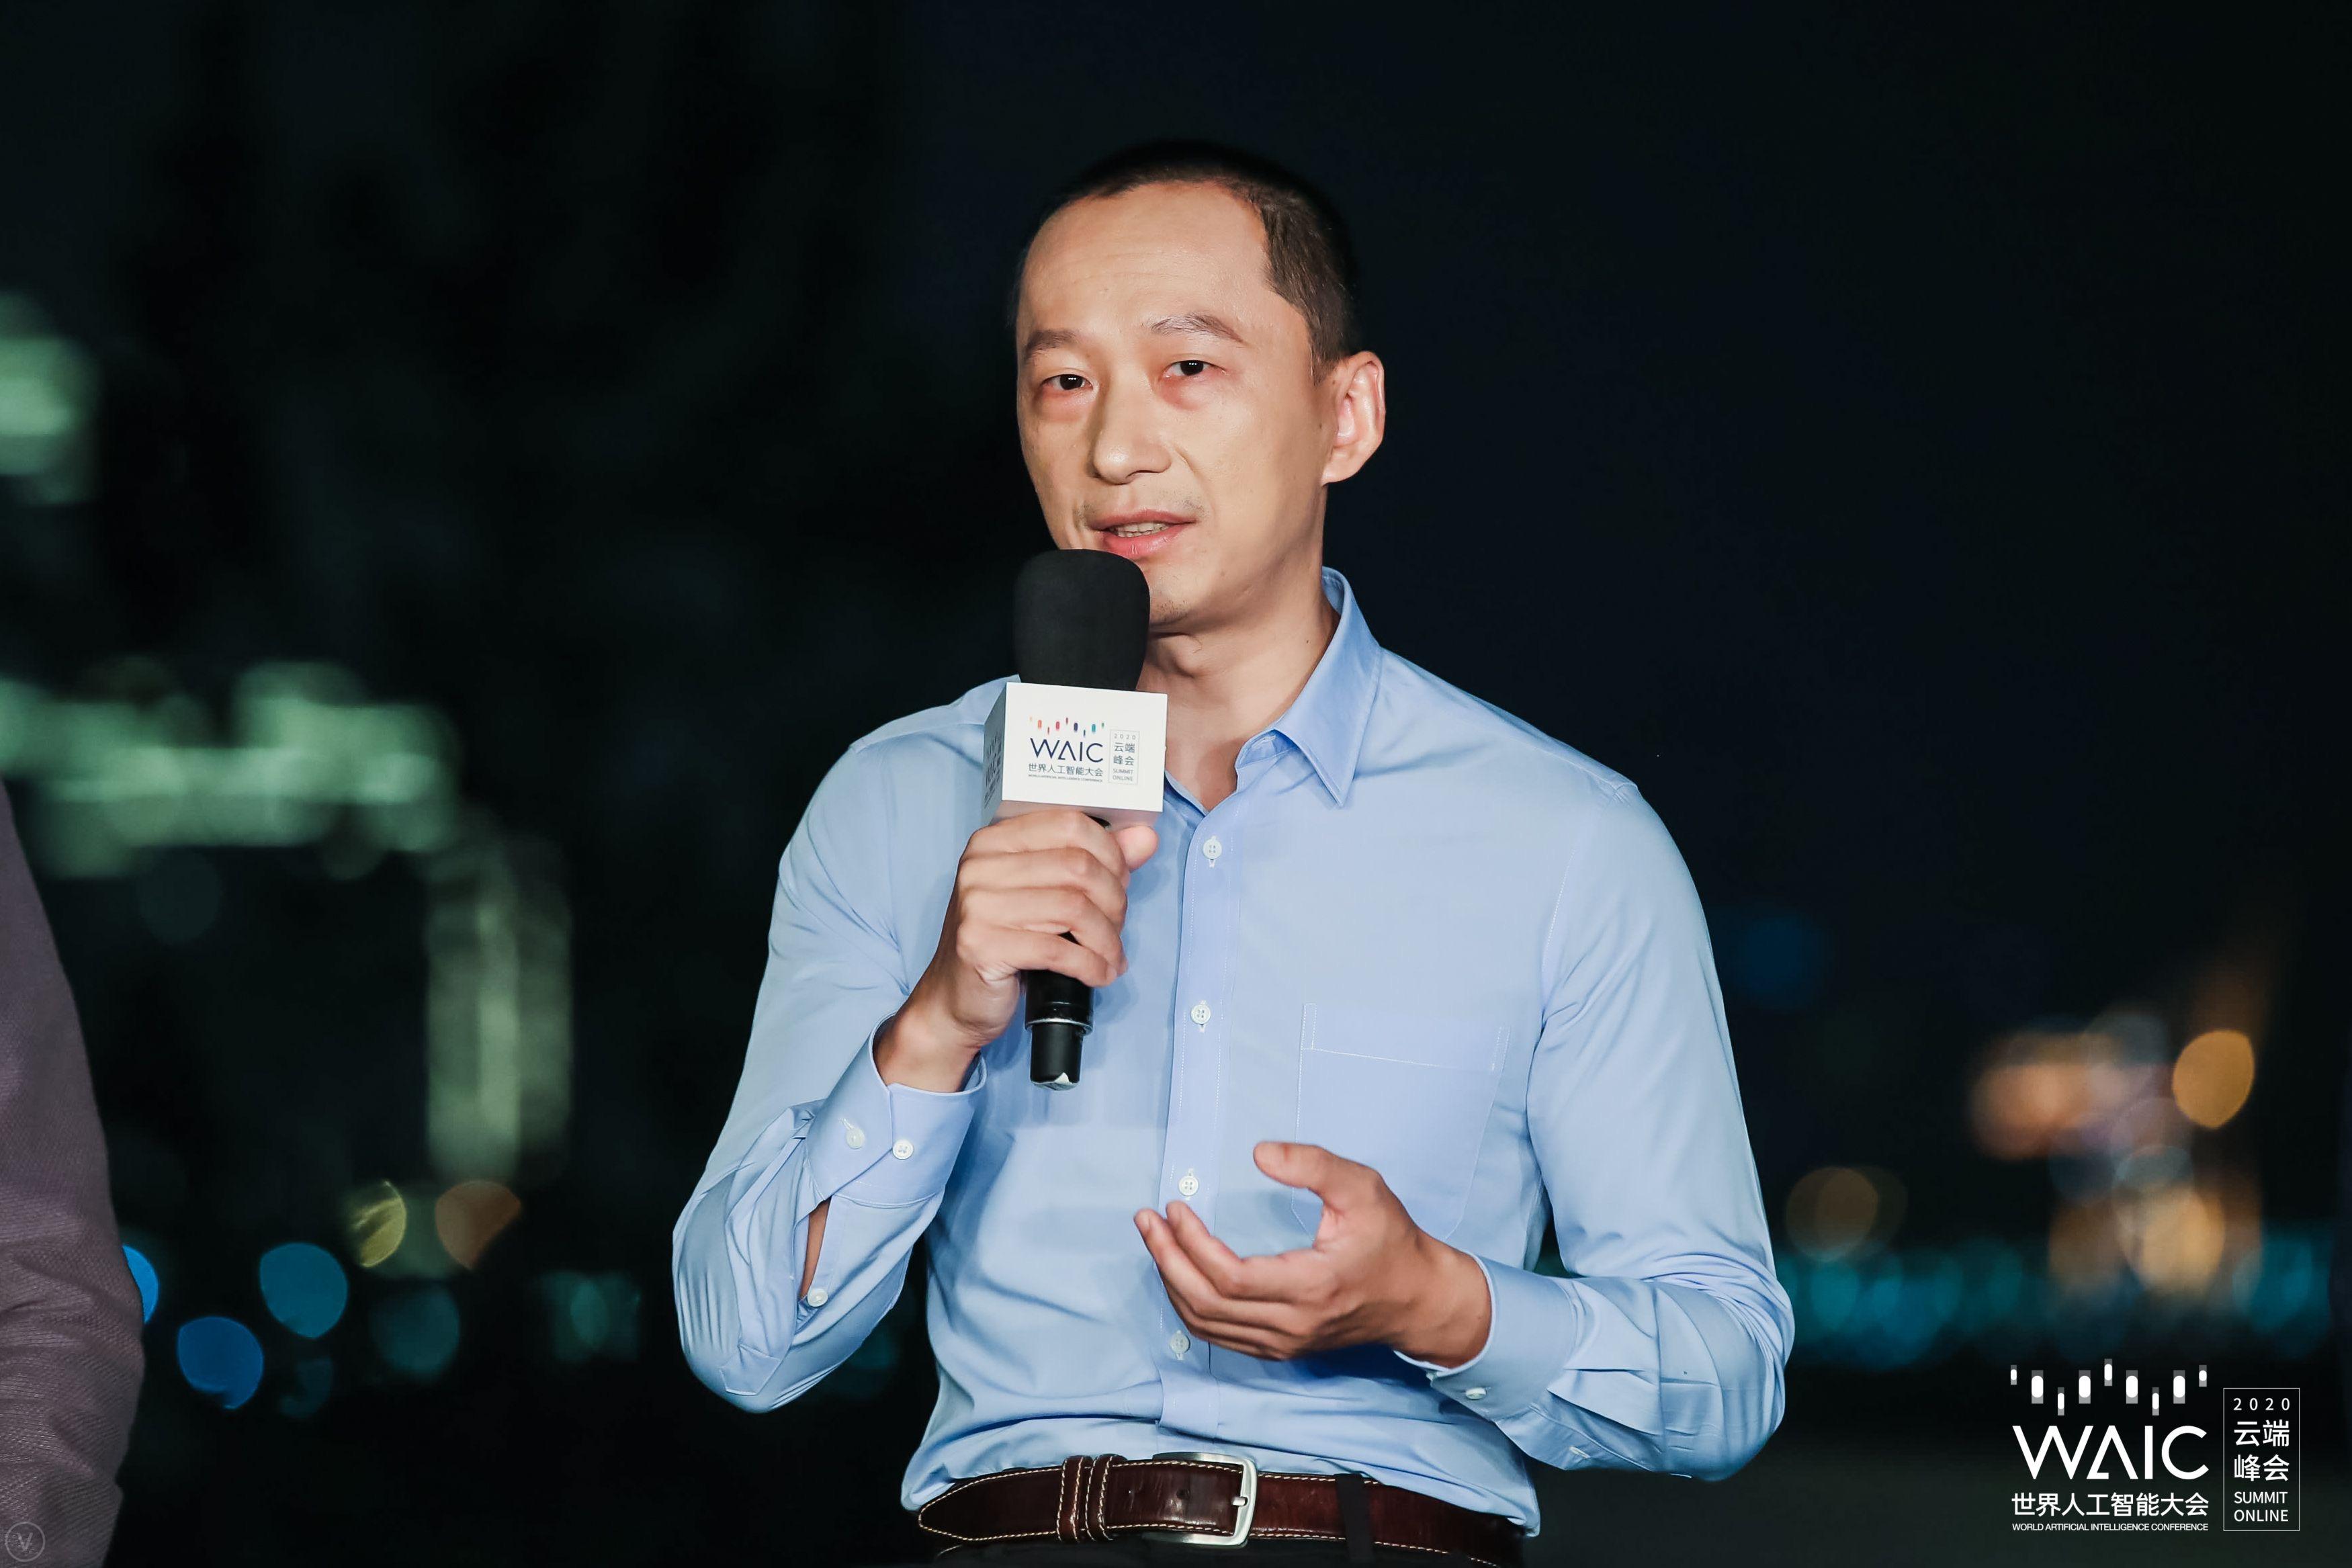 云从科技联吻合创首人姚志强在WAIC说话